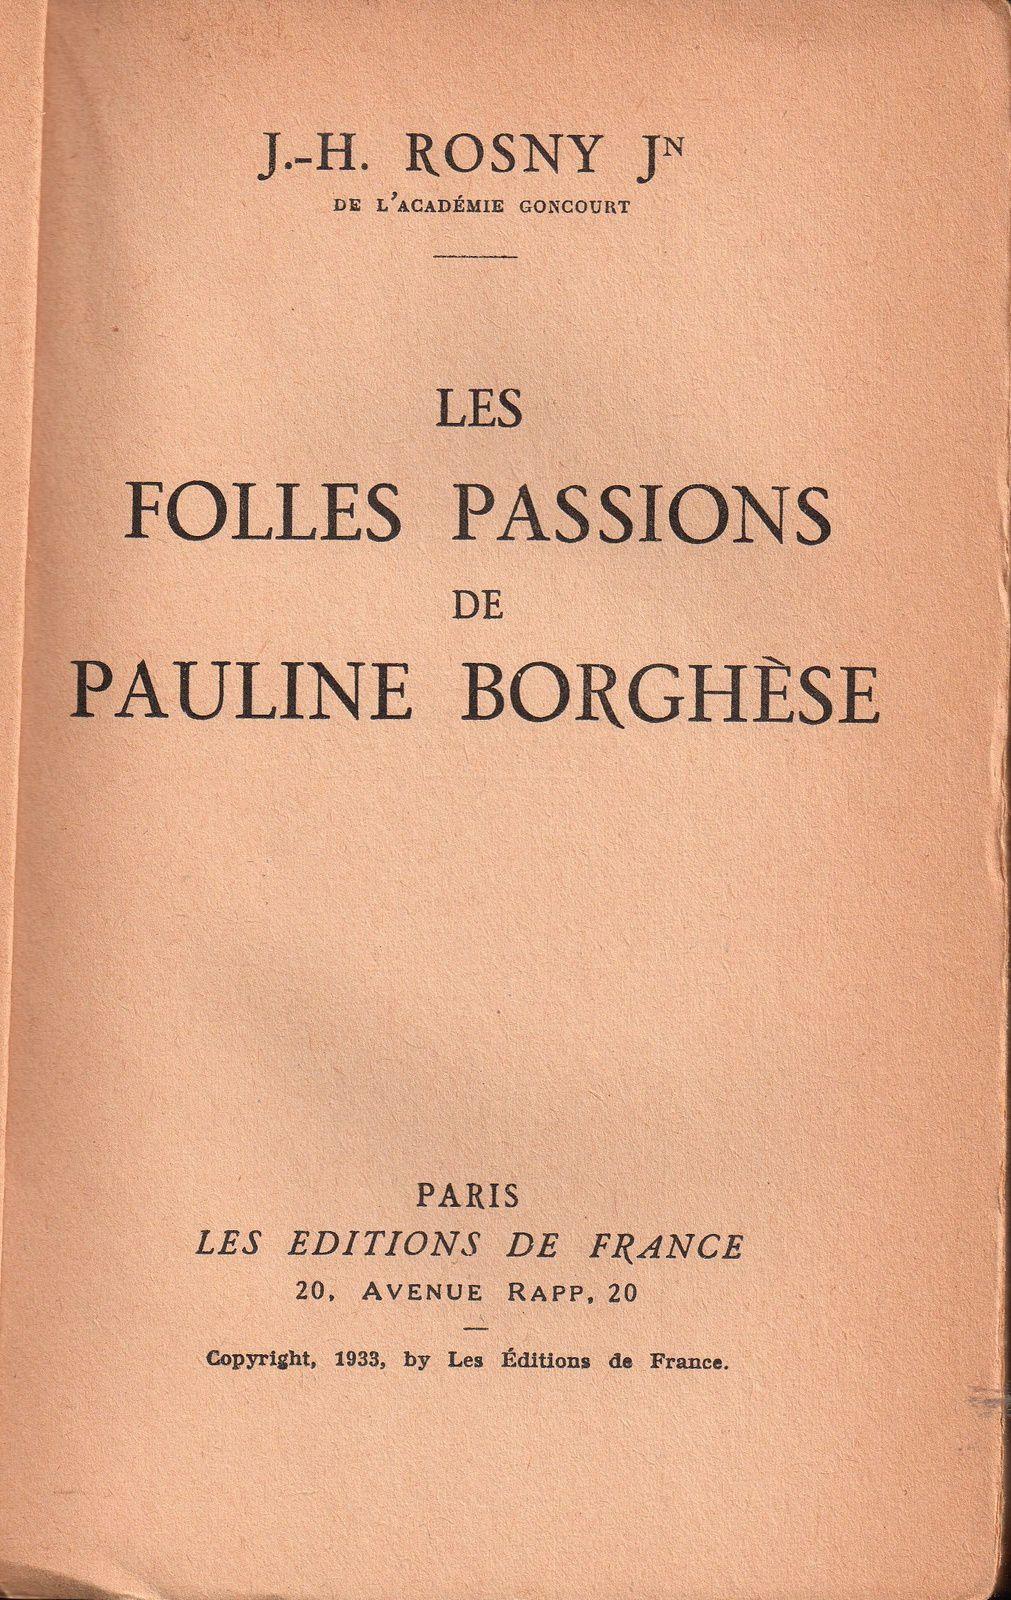 """J.-H. Rosny Jeune """"Les Folles passions de Pauline Borghèse"""" (Editions de France - 1933)"""